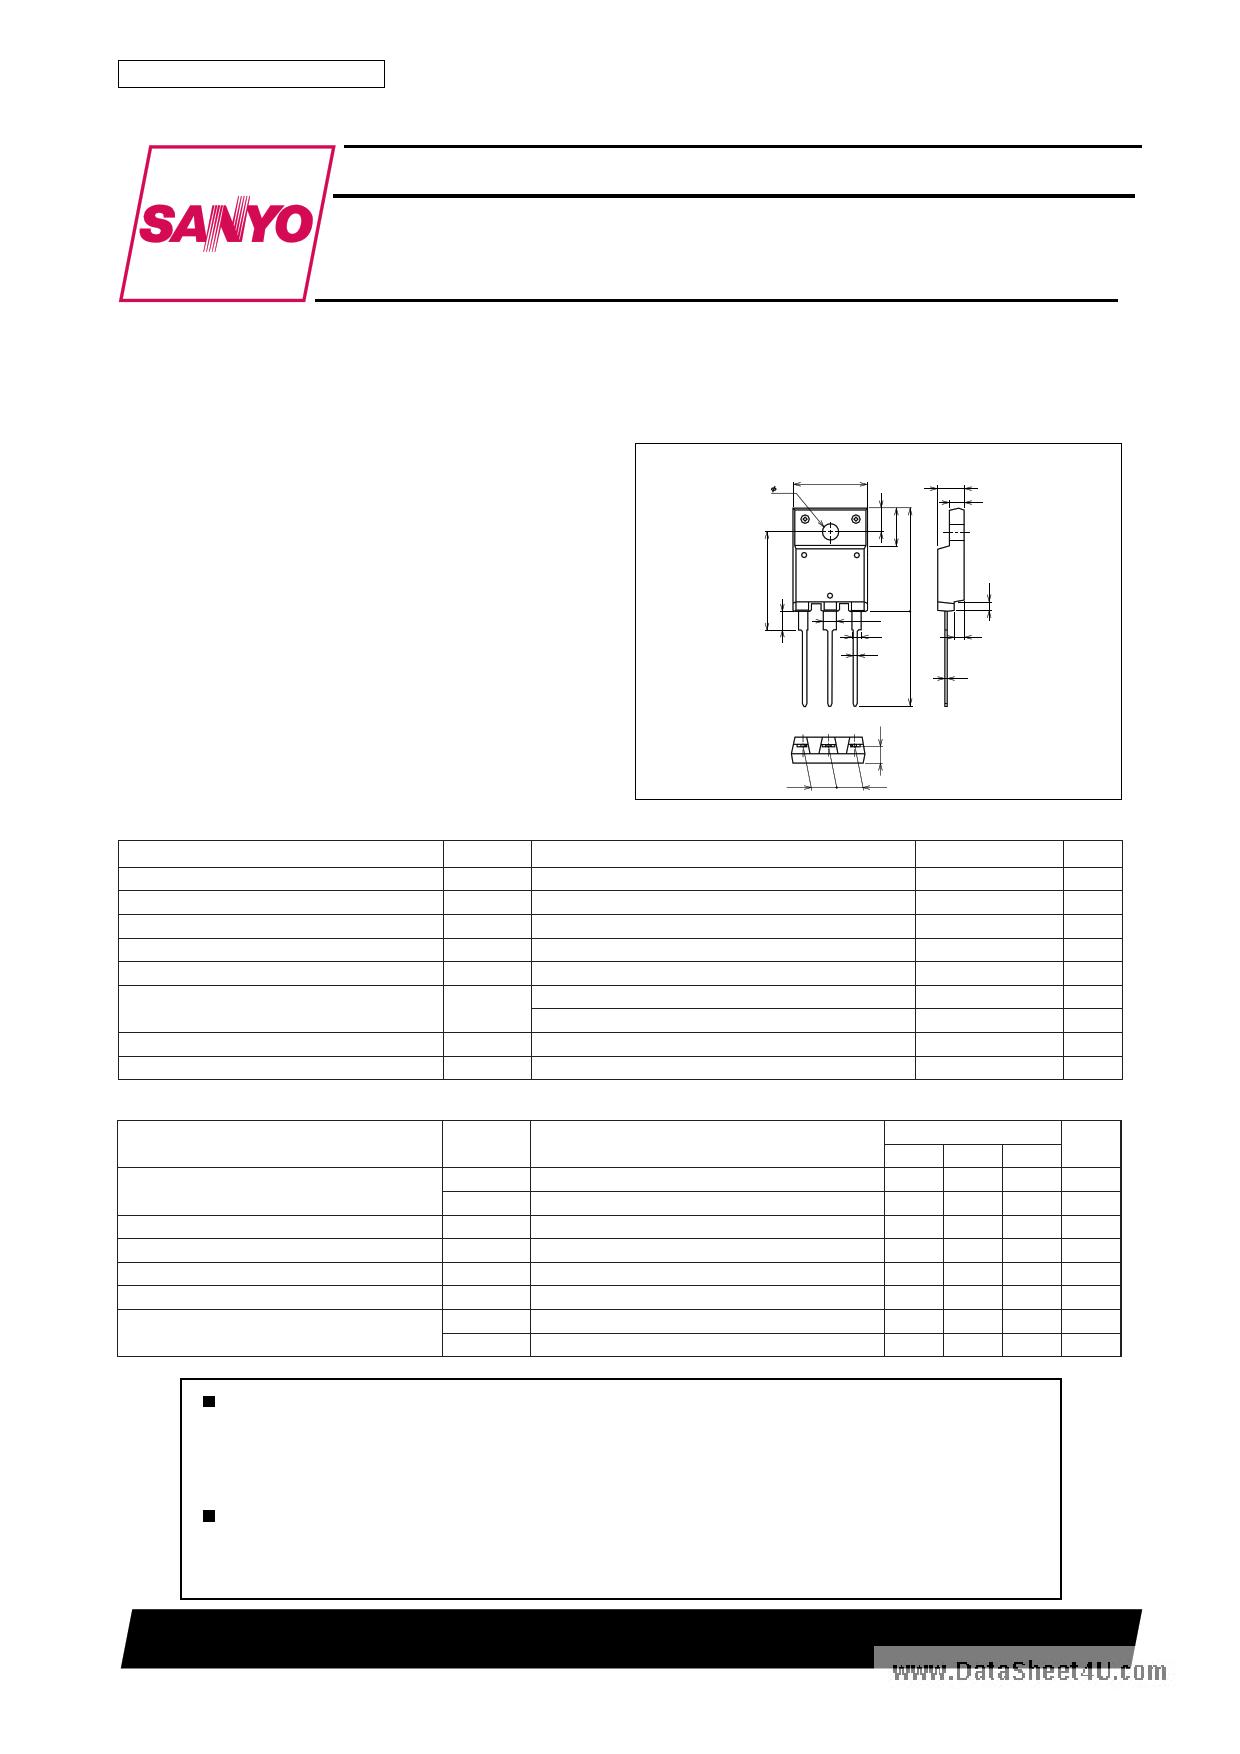 D1879 datasheet, circuit